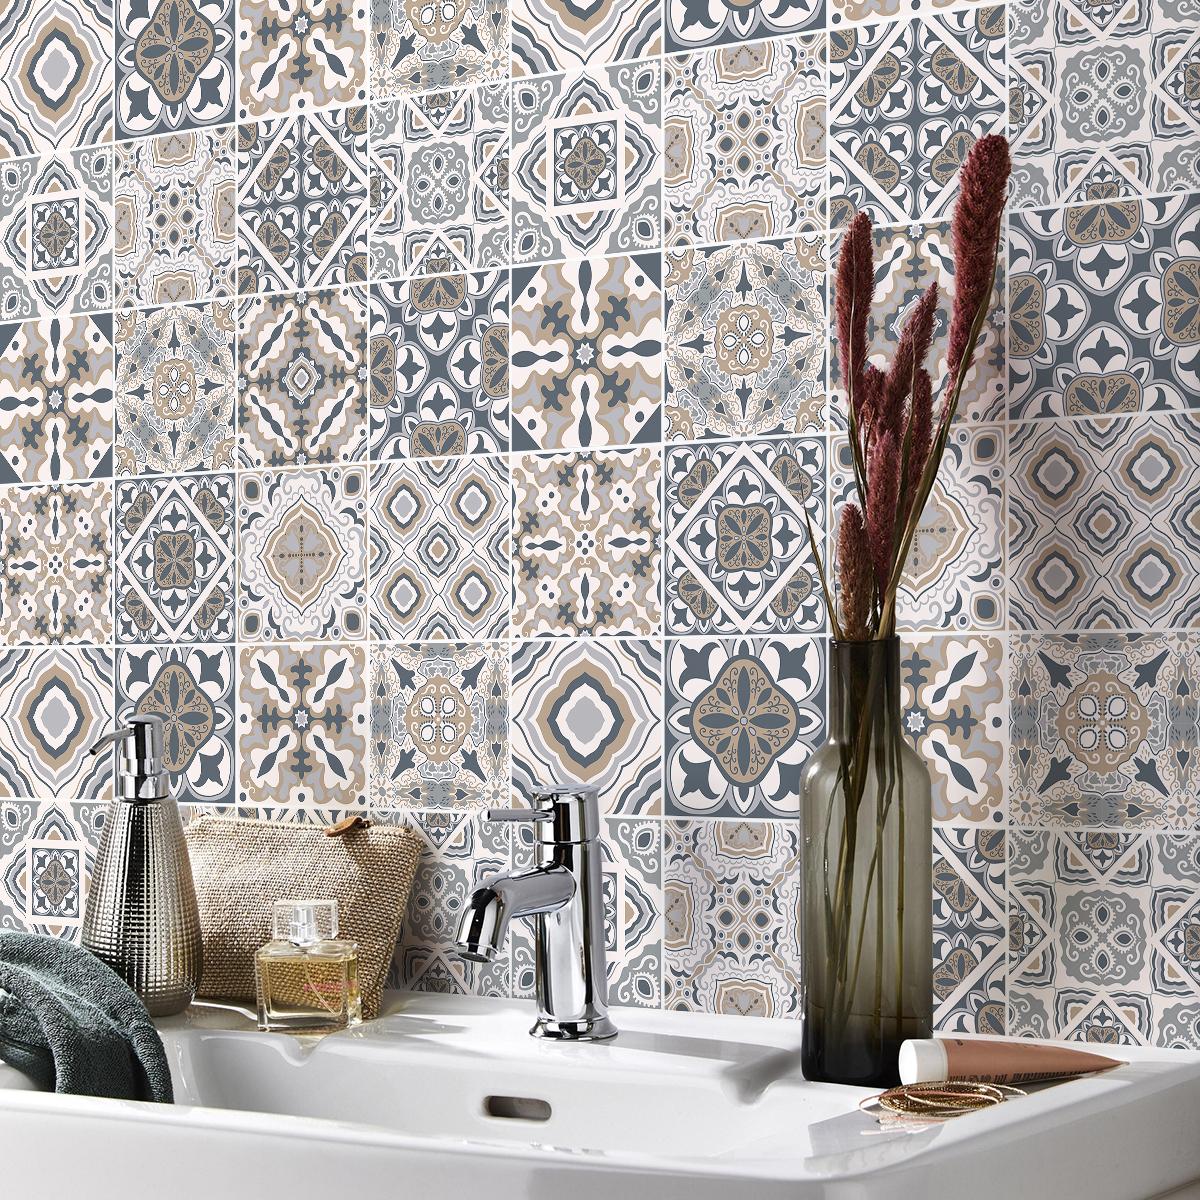 Carreau De Ciment Toilette 24 stickers carreaux de ciment azulejos giacomo